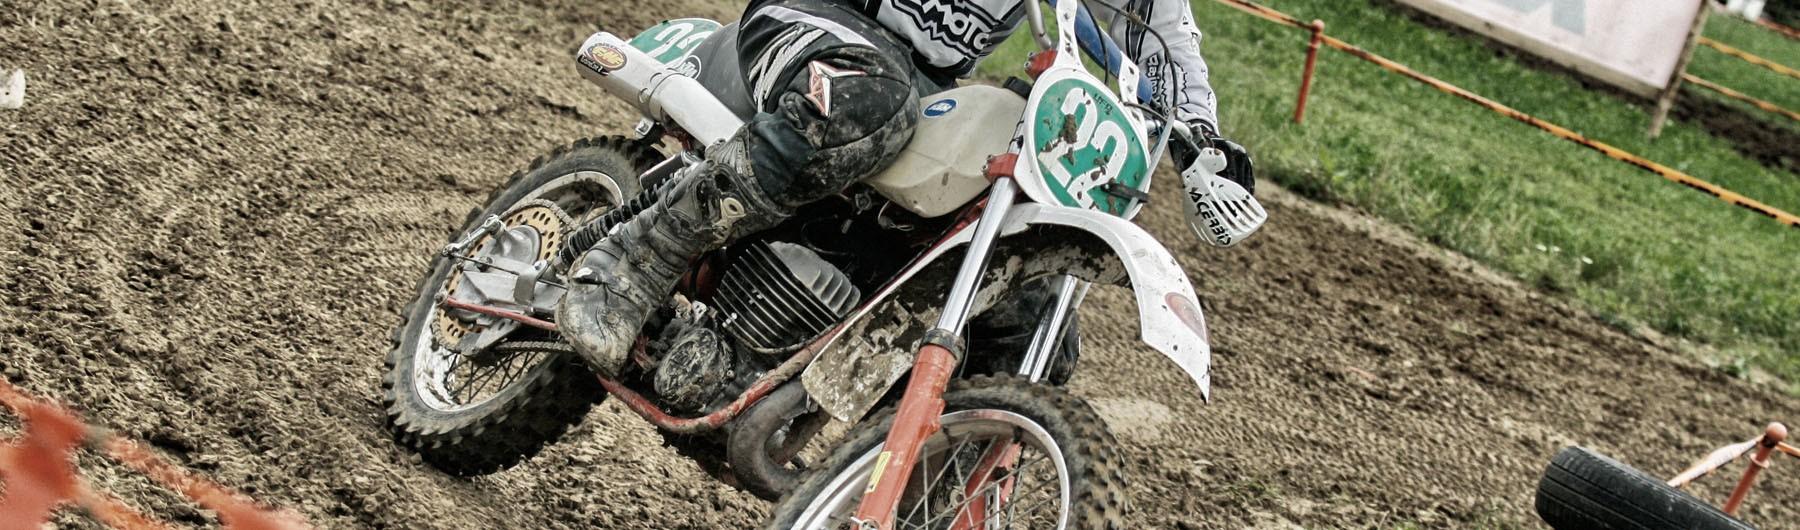 Andre Horvaths Enduro Klassiker Andr 1988 Yamaha Moto 4 350 Wiring Diagram Ktm